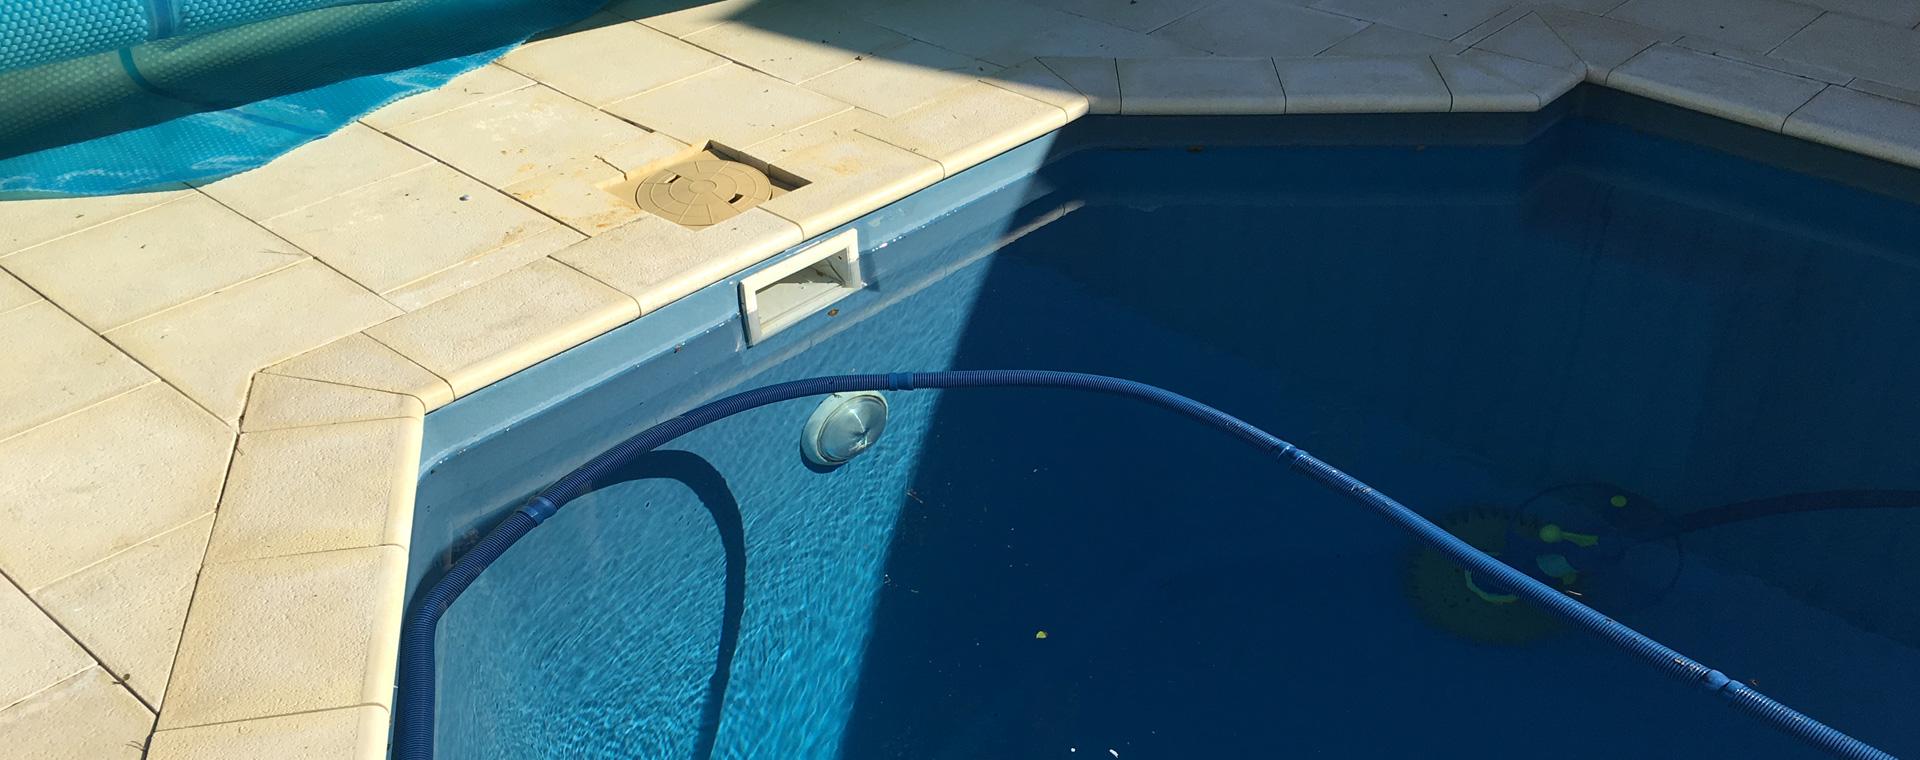 Solar Heating Pool Repairs Perth Wa